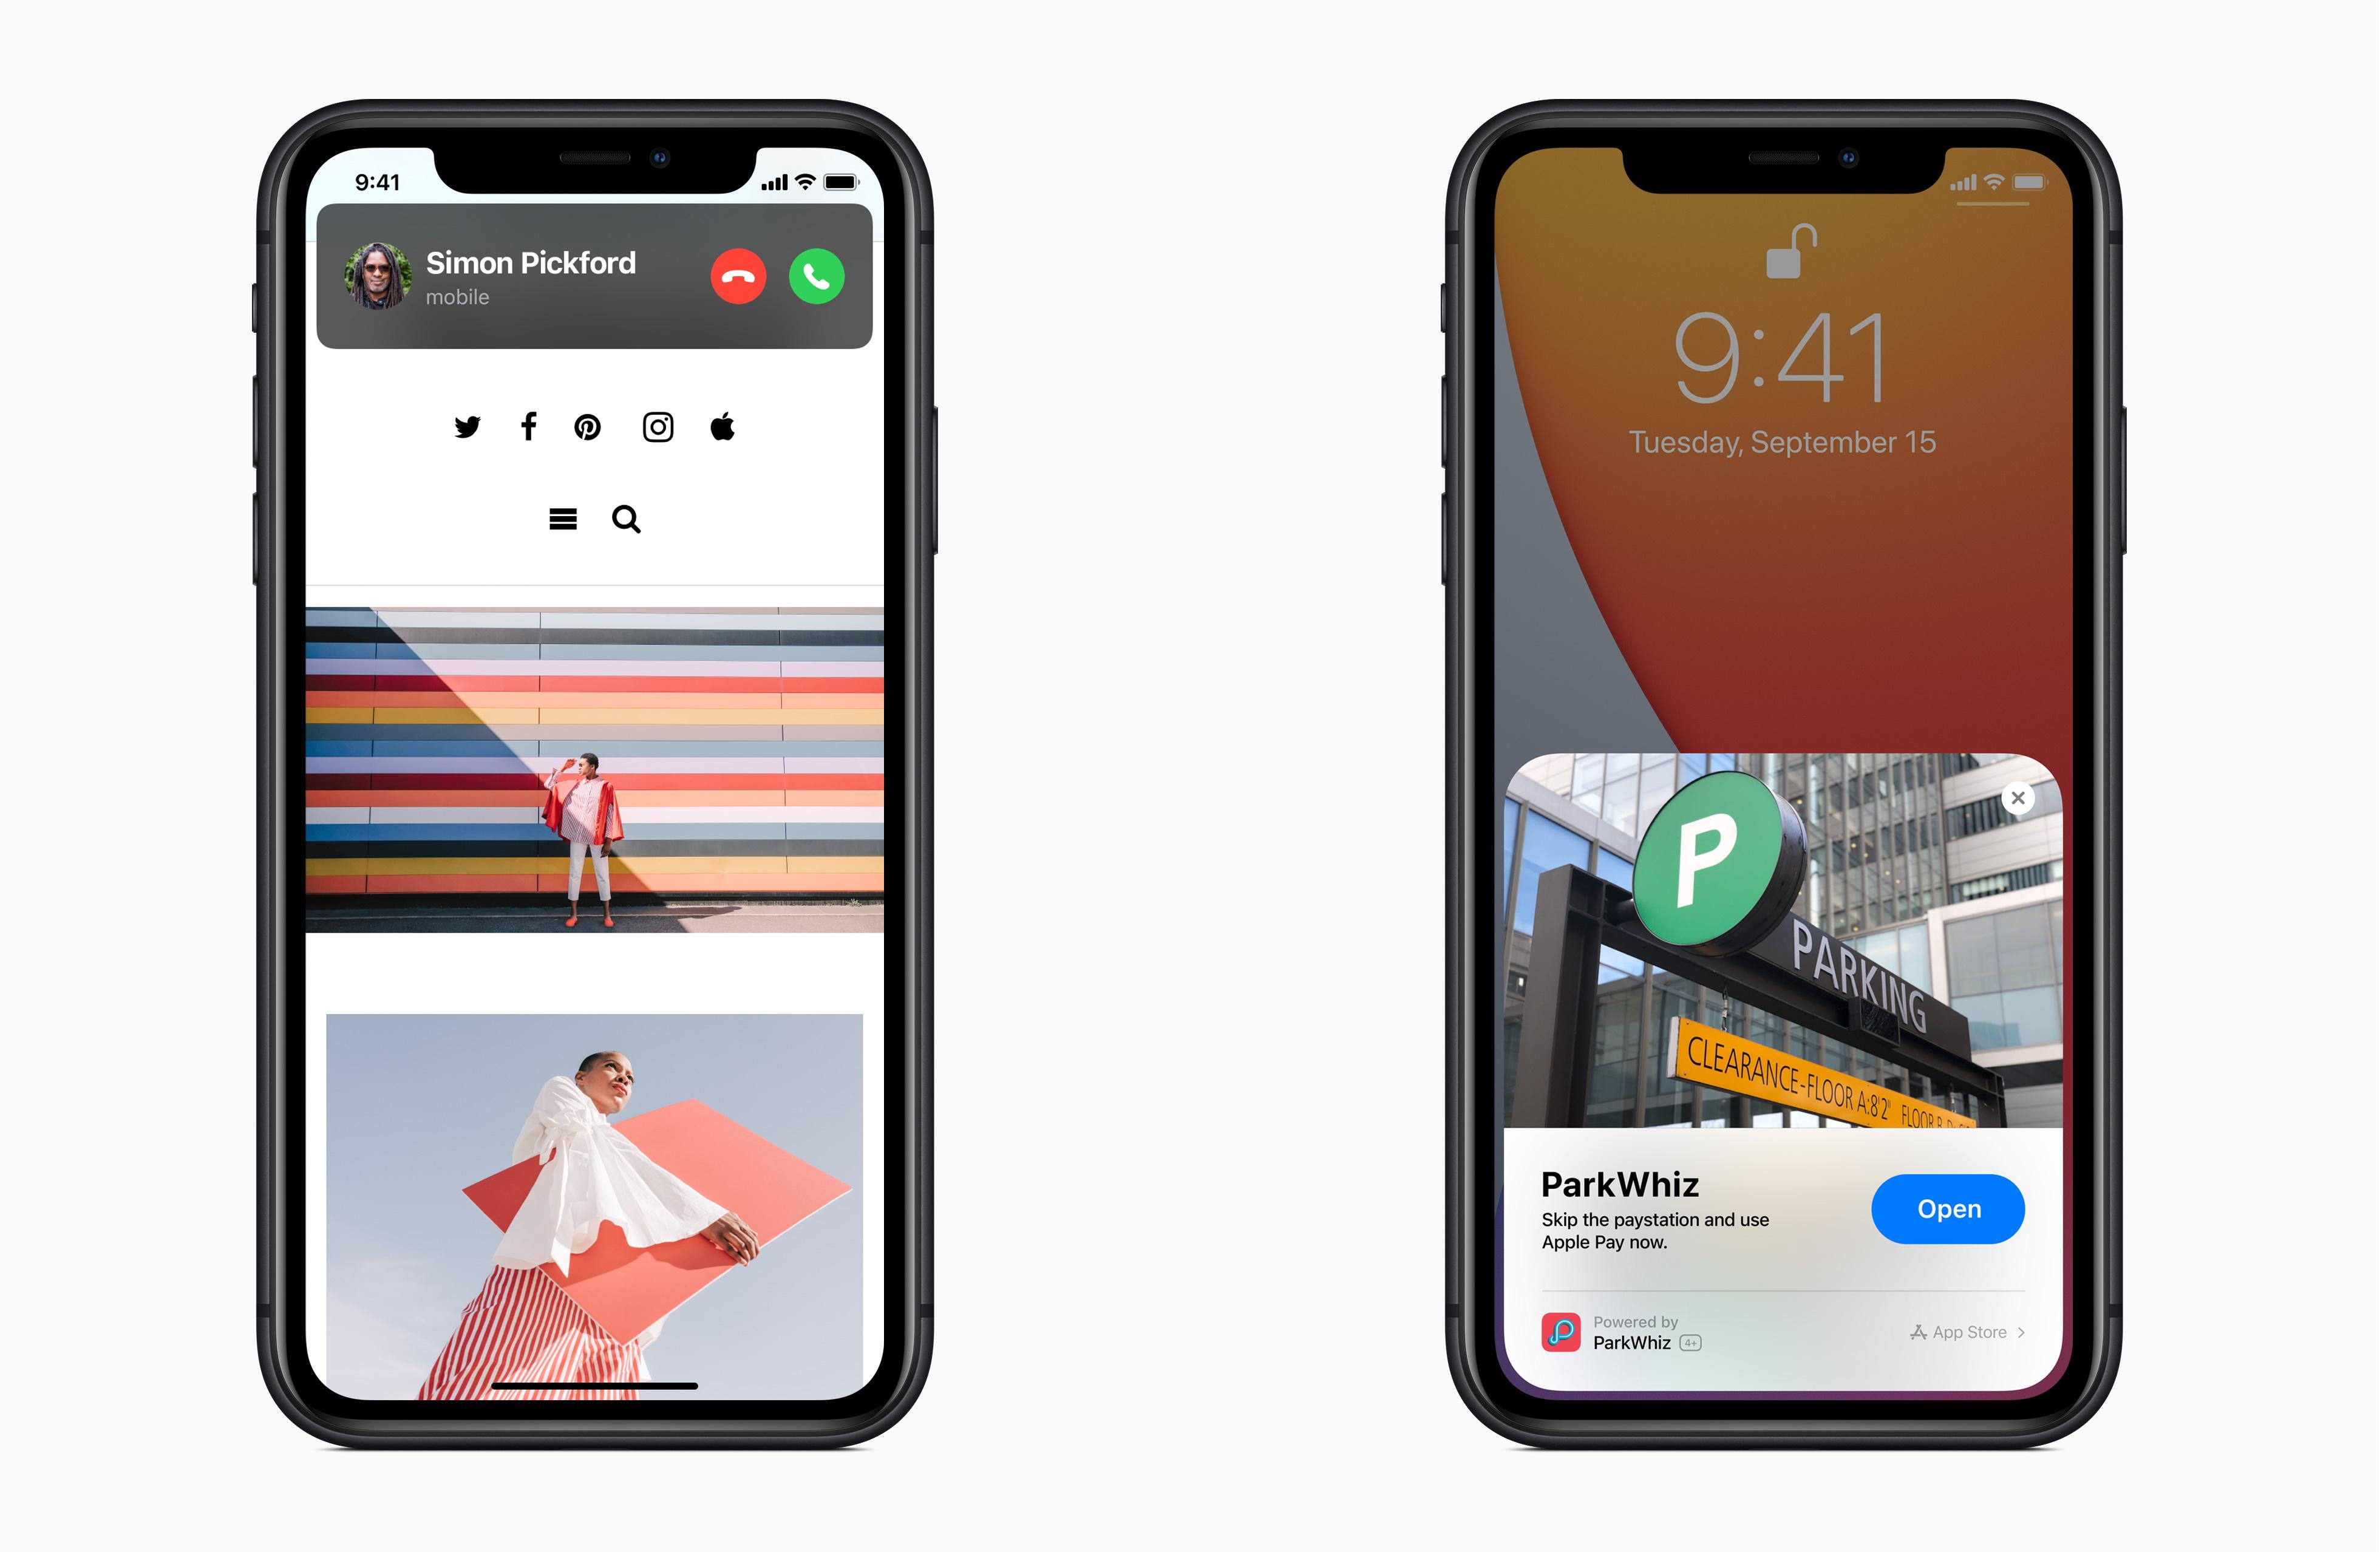 """音楽コントロールや「Siri」はコンパクトに。アプリケーションの一部機能だけをインスタントに呼び出せる""""App Clips""""にも注目"""